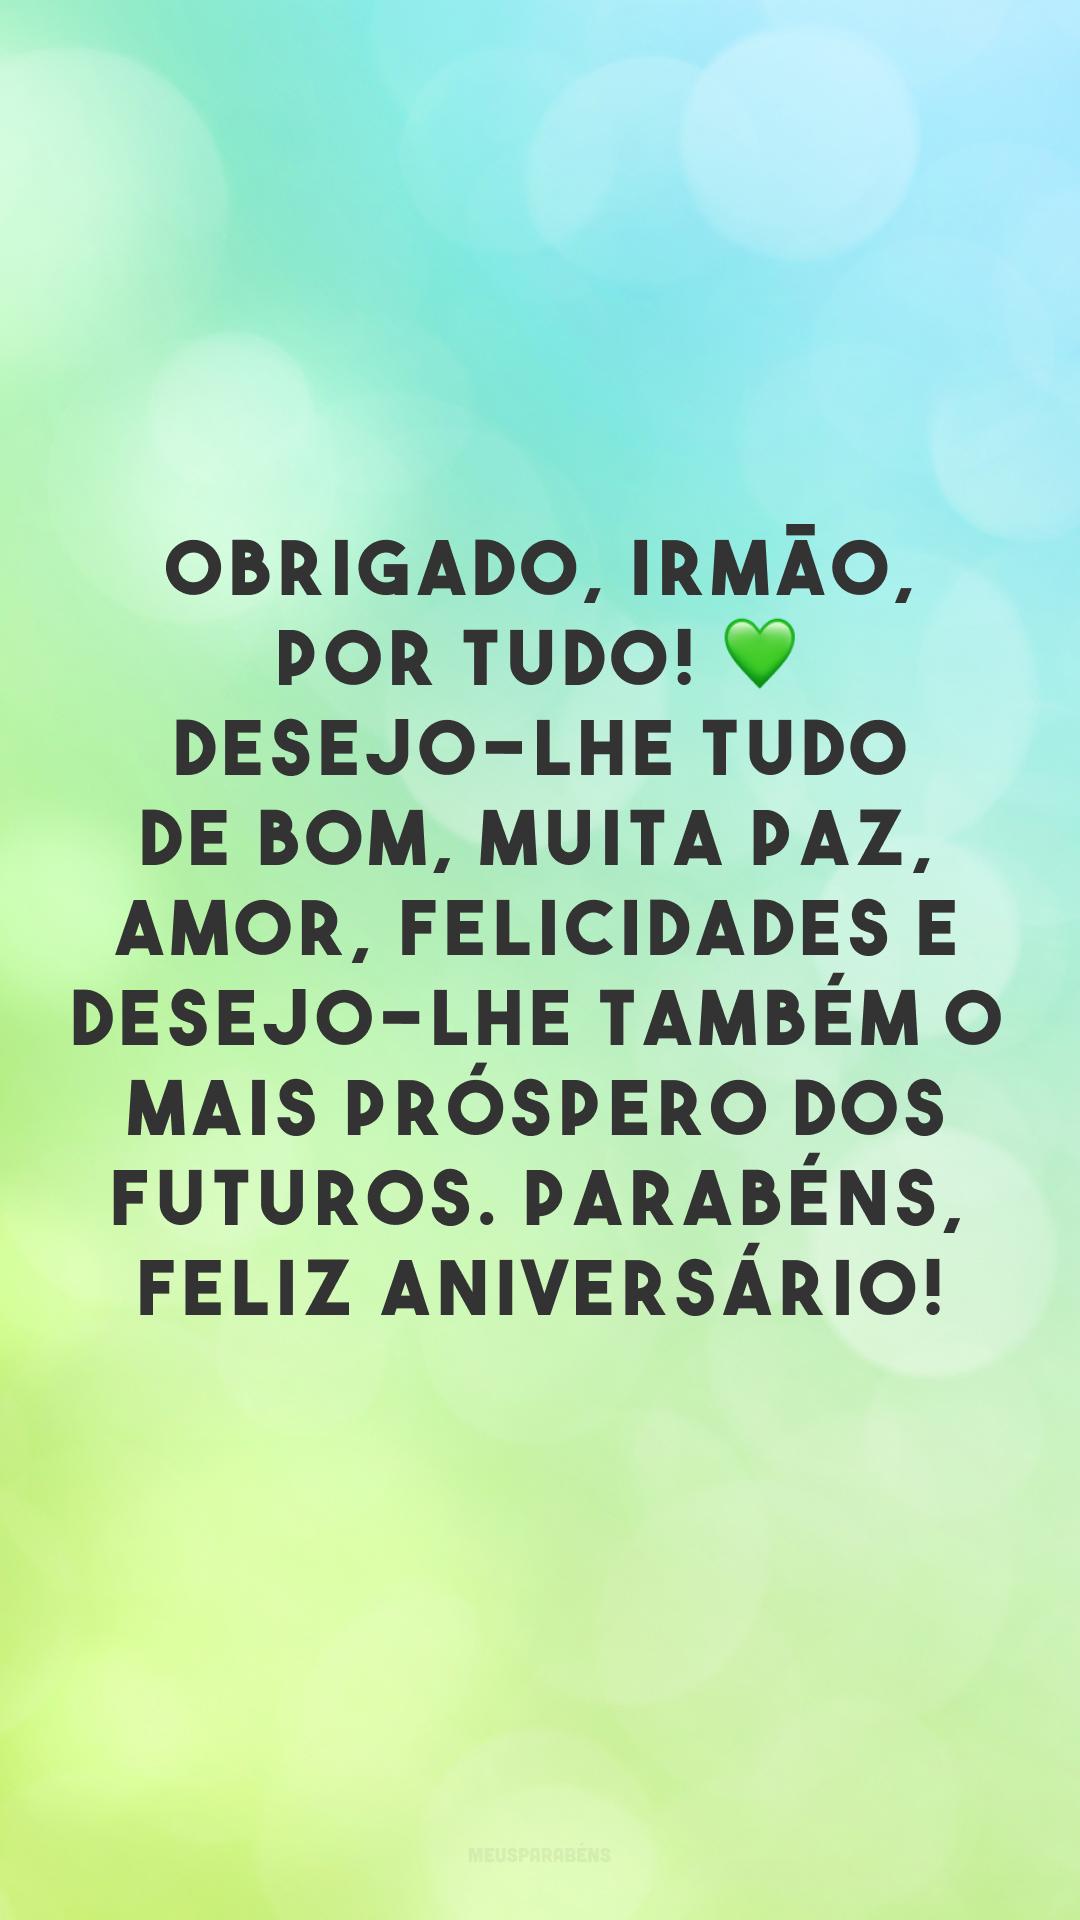 Obrigado, irmão, por tudo! 💚 Desejo-lhe tudo de bom, muita paz, amor, felicidades e desejo-lhe também o mais próspero dos futuros. Parabéns, feliz aniversário!